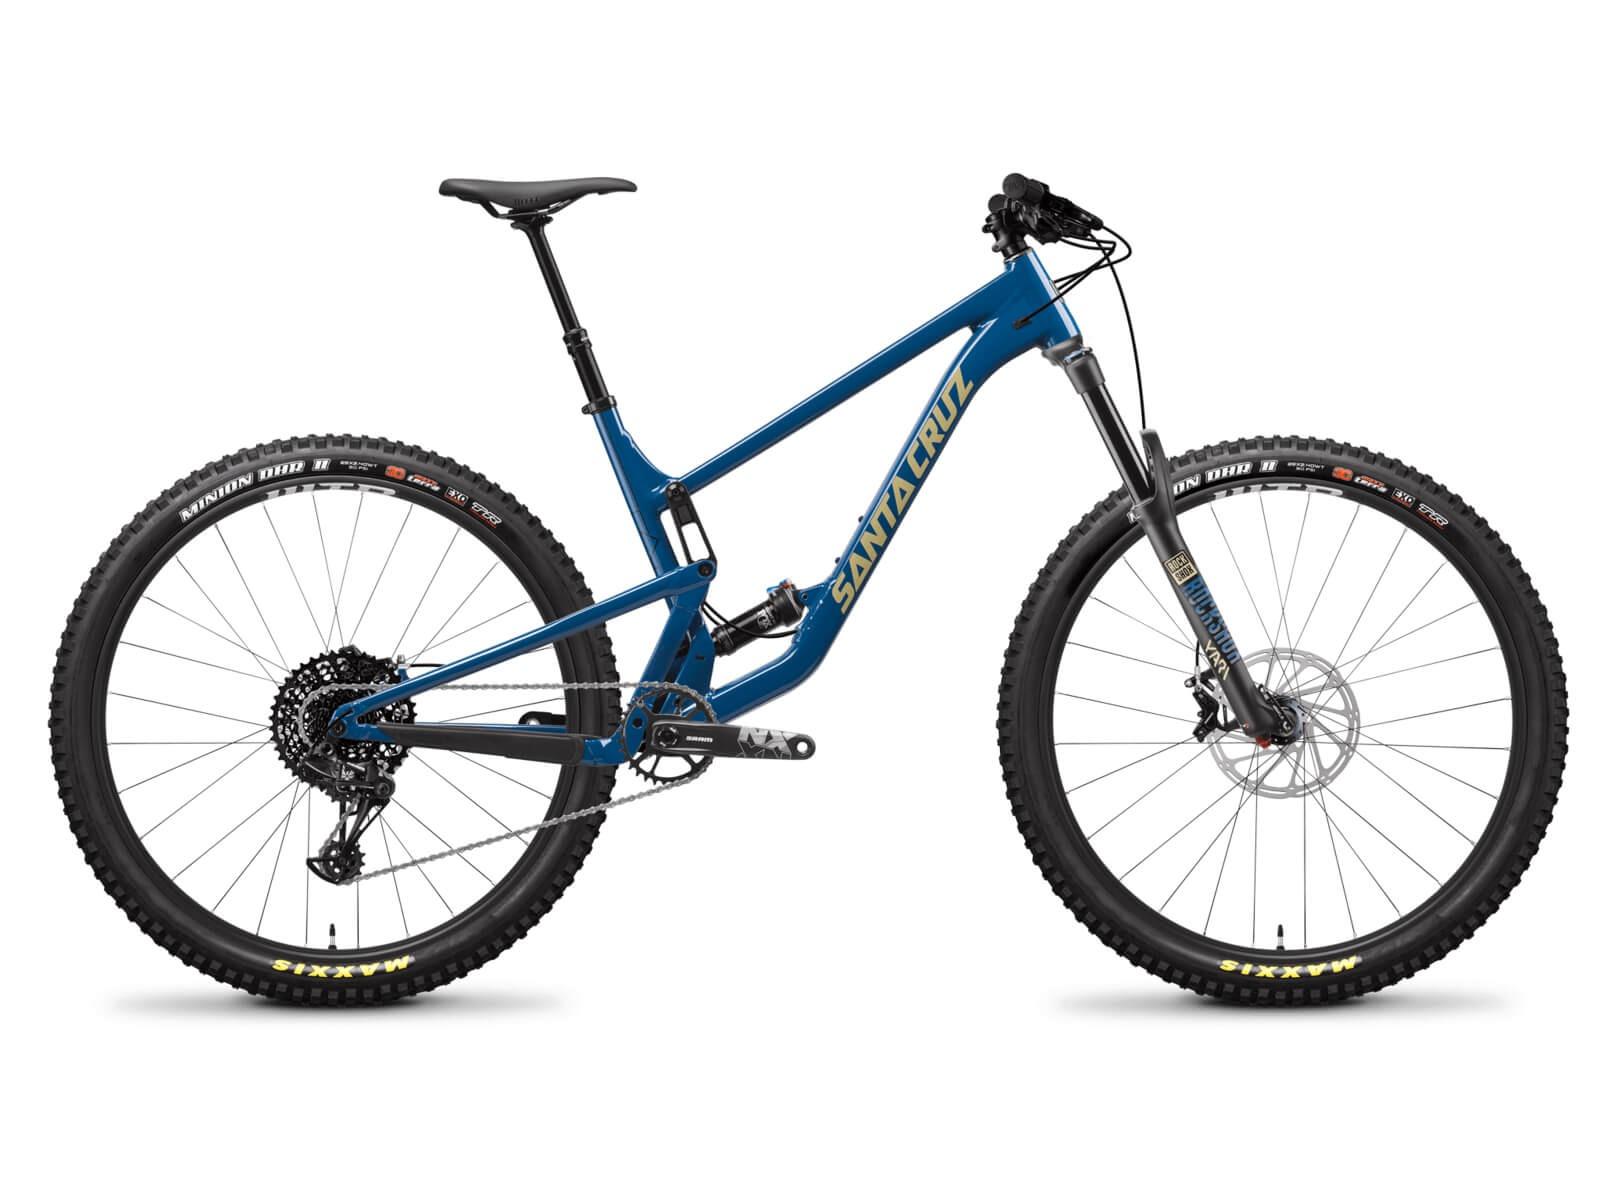 2020 Santa Cruz Hightower AL Mountain Bike